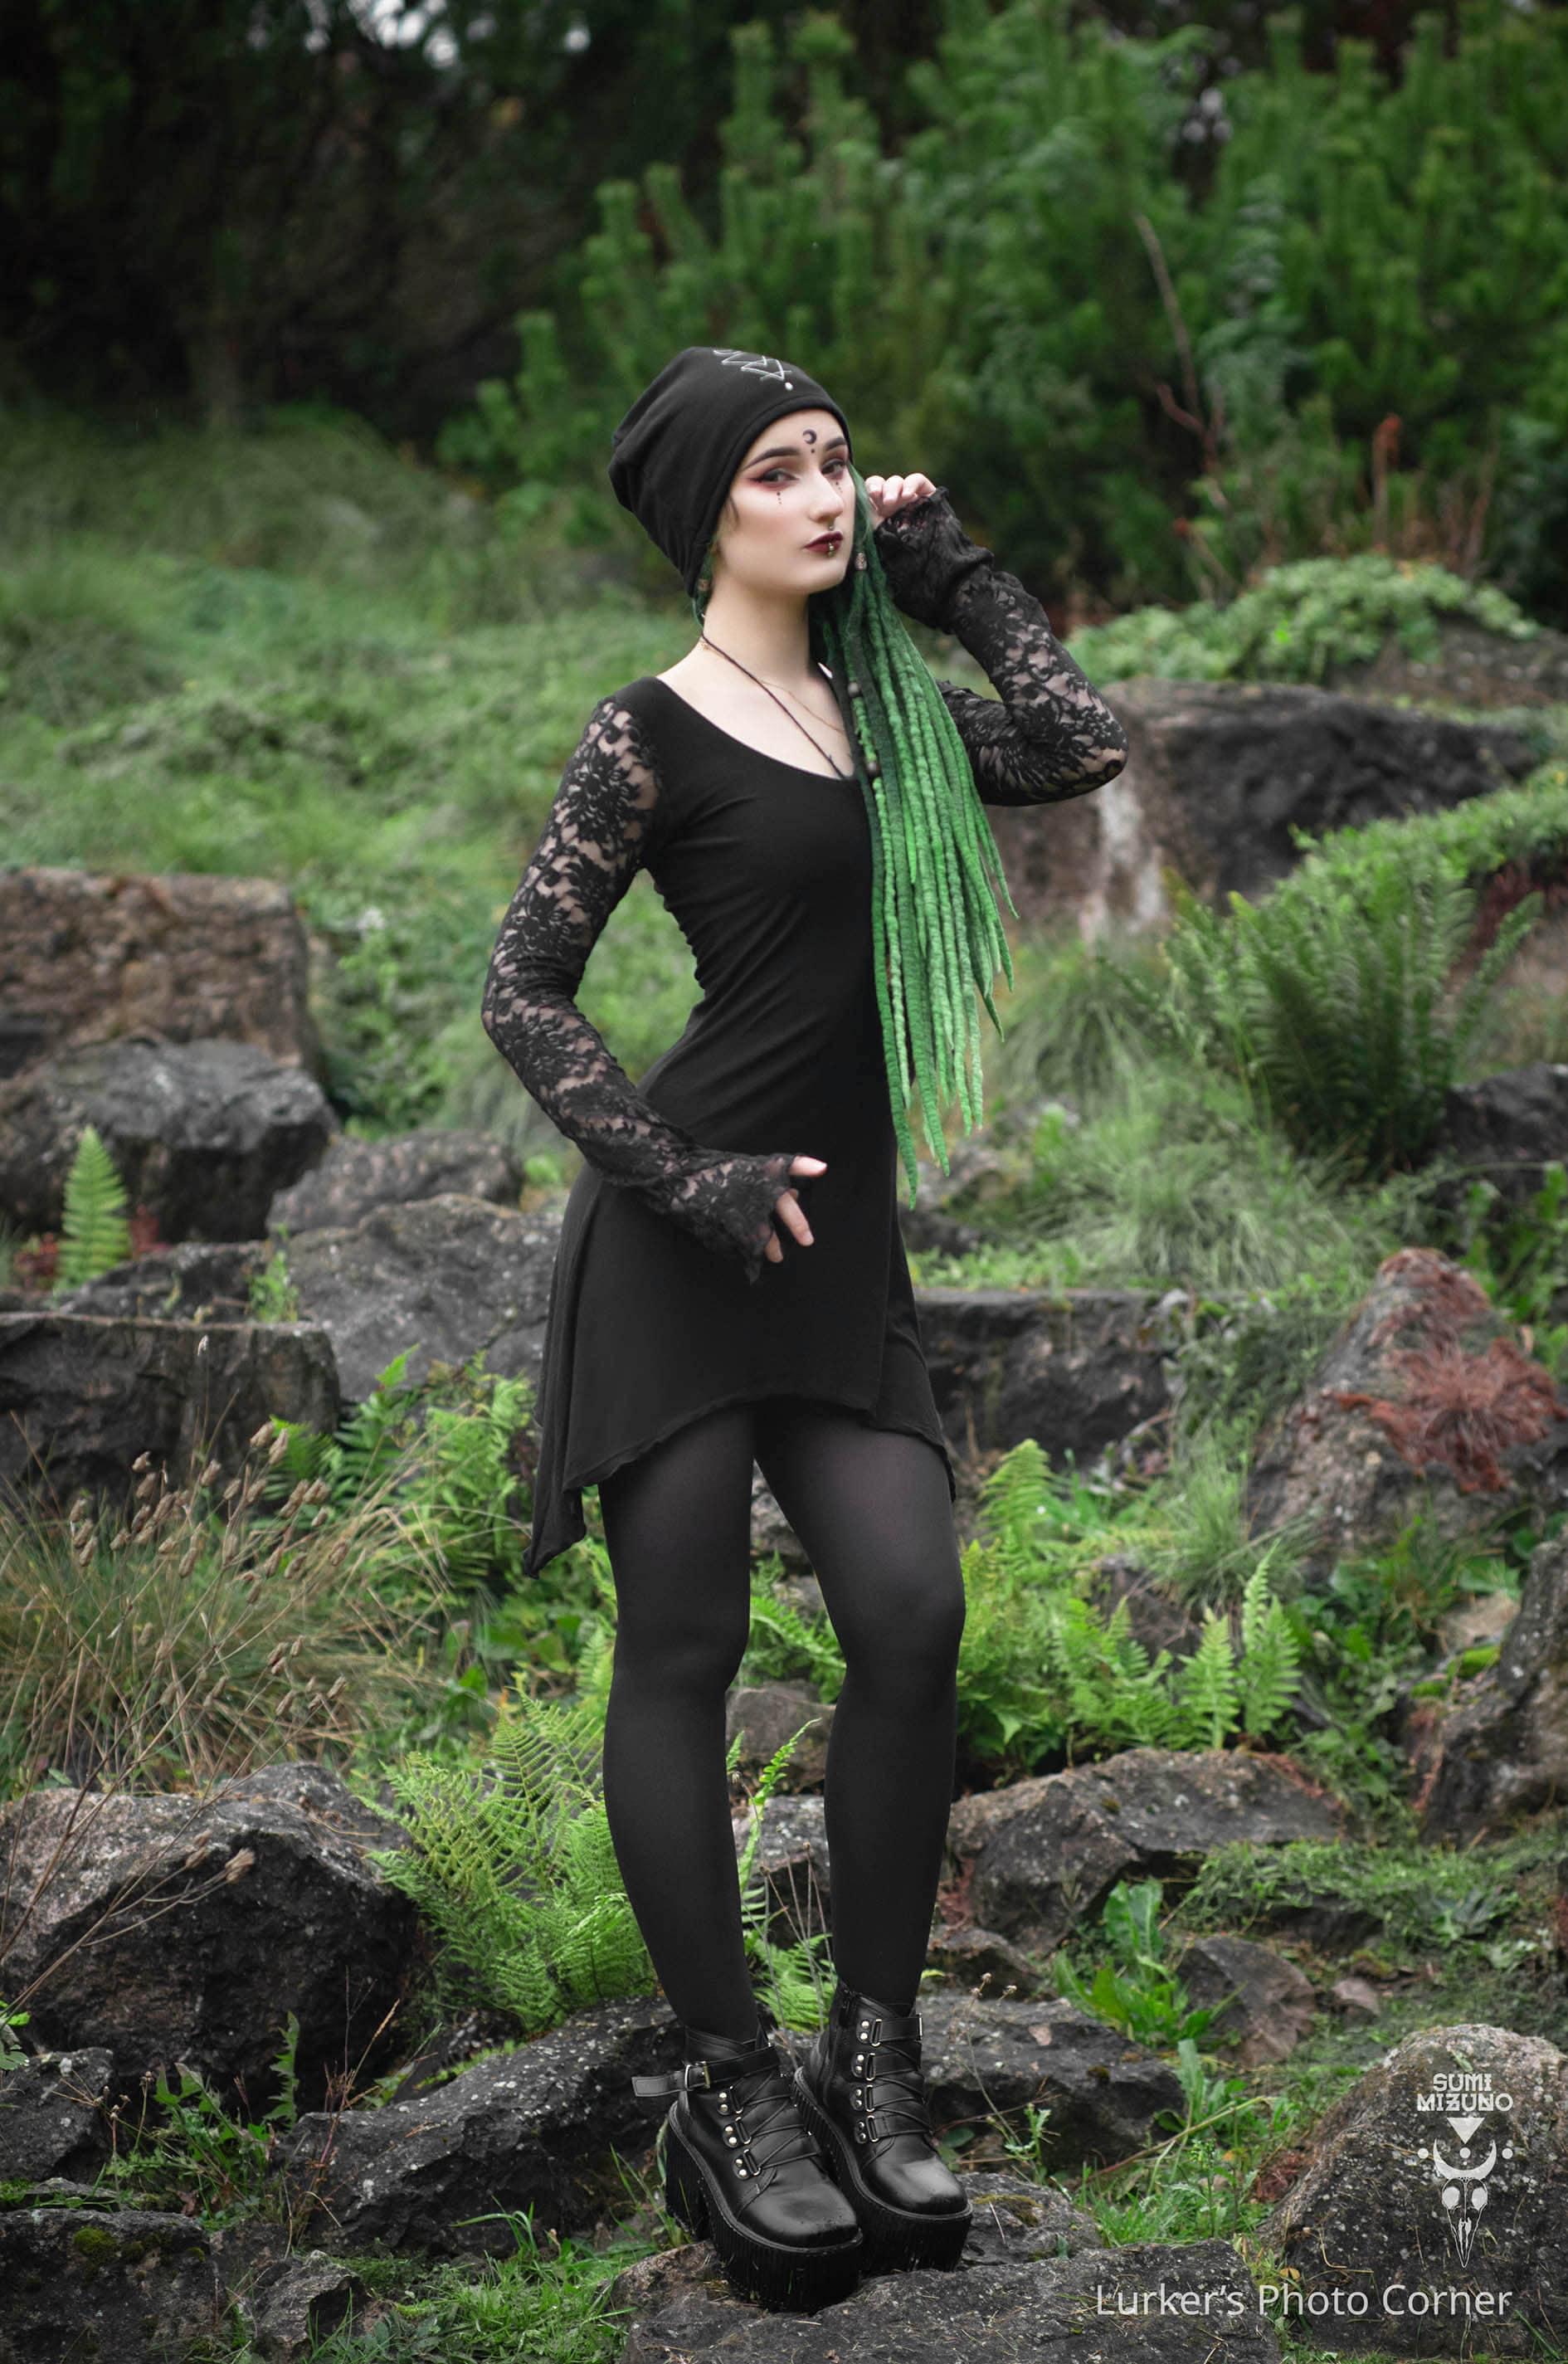 Kristiana Kristiana en 2019 t Goth Gothic et Gothic fashion 36c81144a